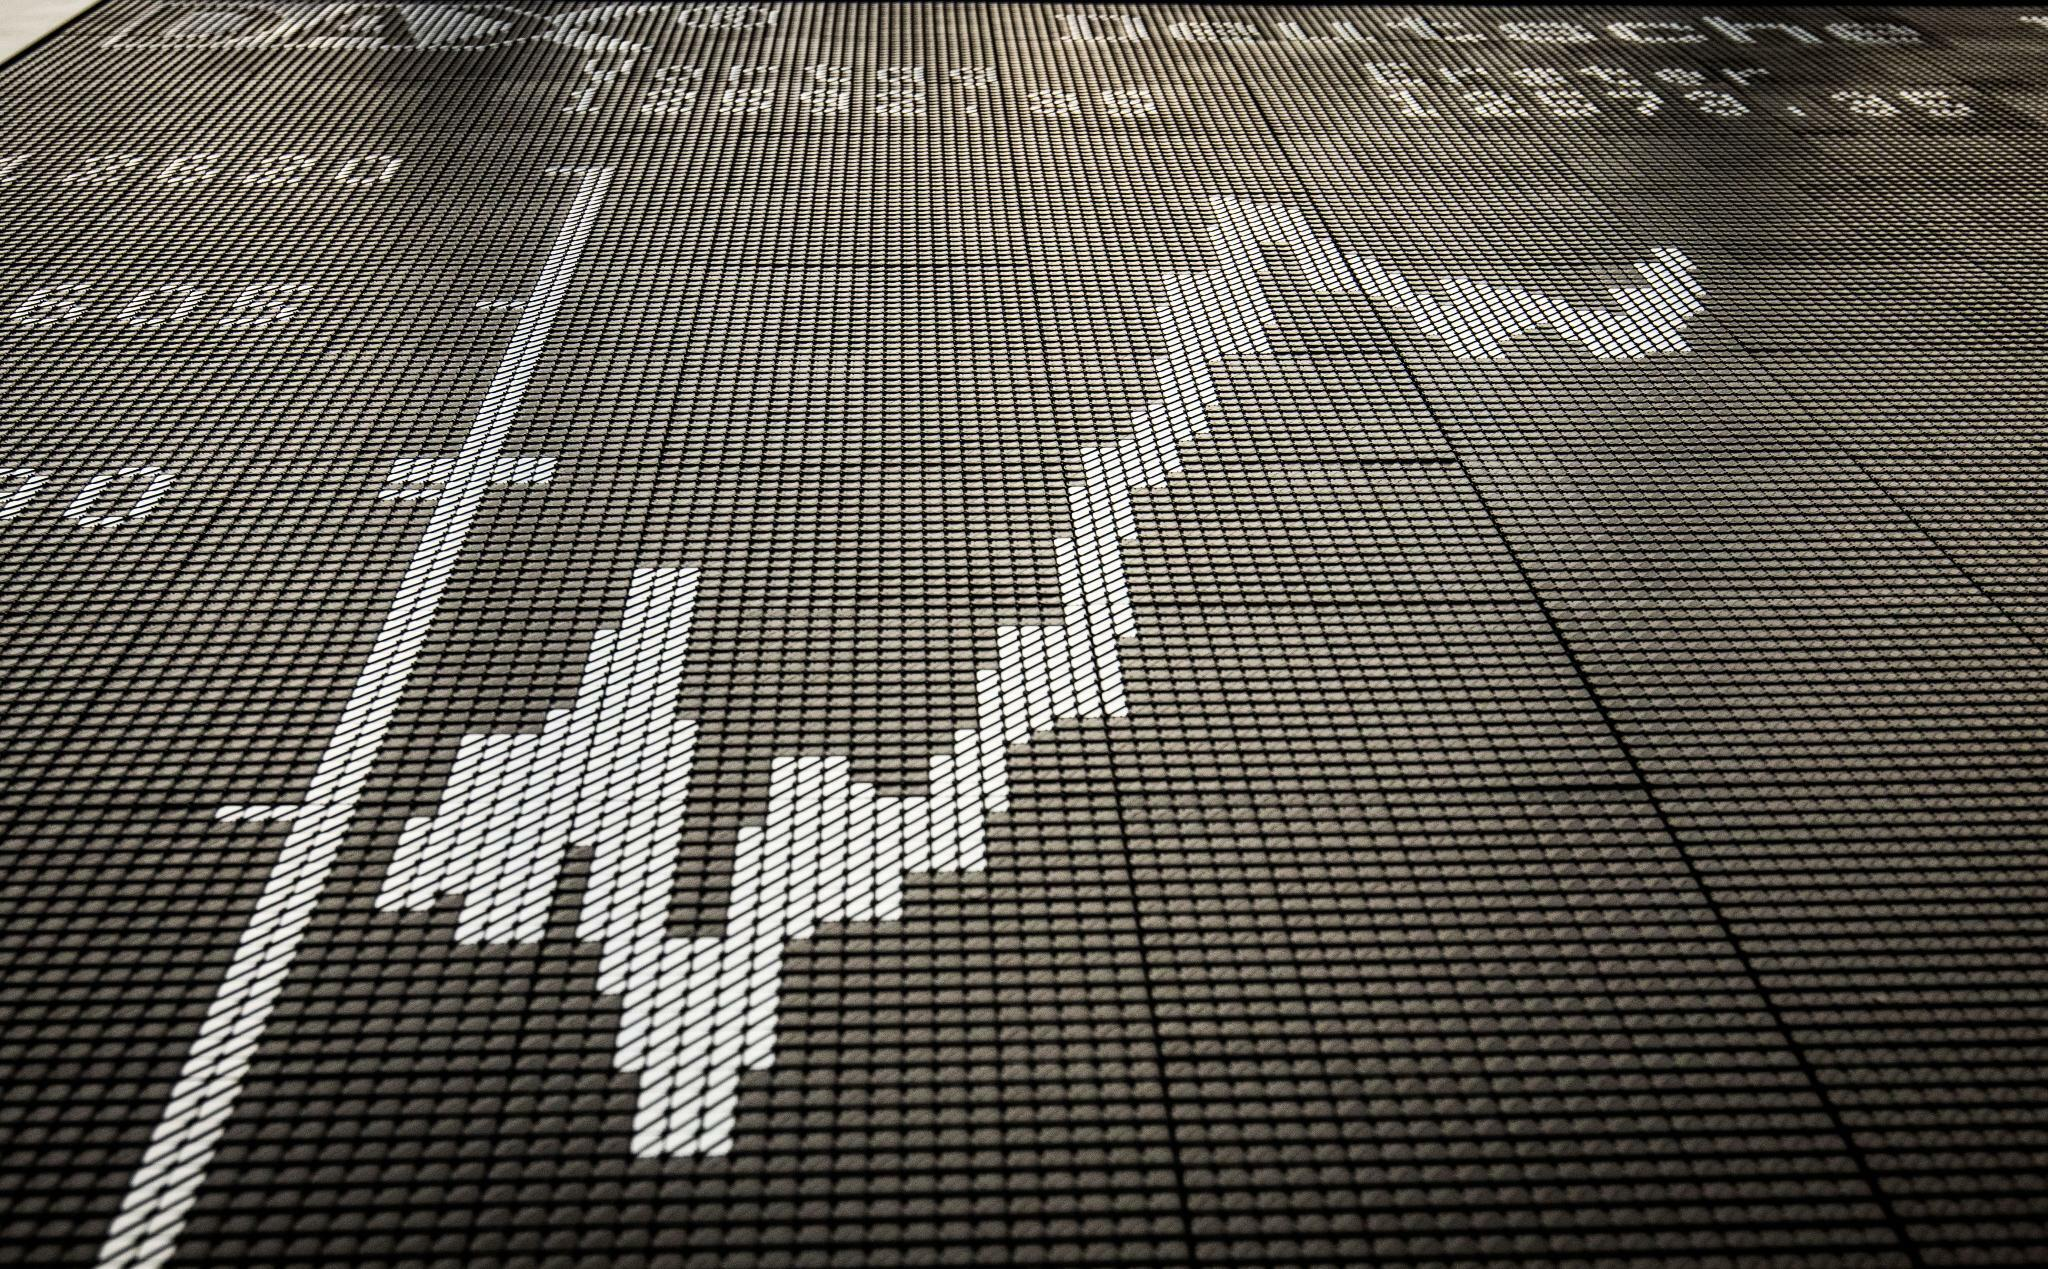 Dax-Sentiment: Fortsetzung der Börsenrally ist möglich